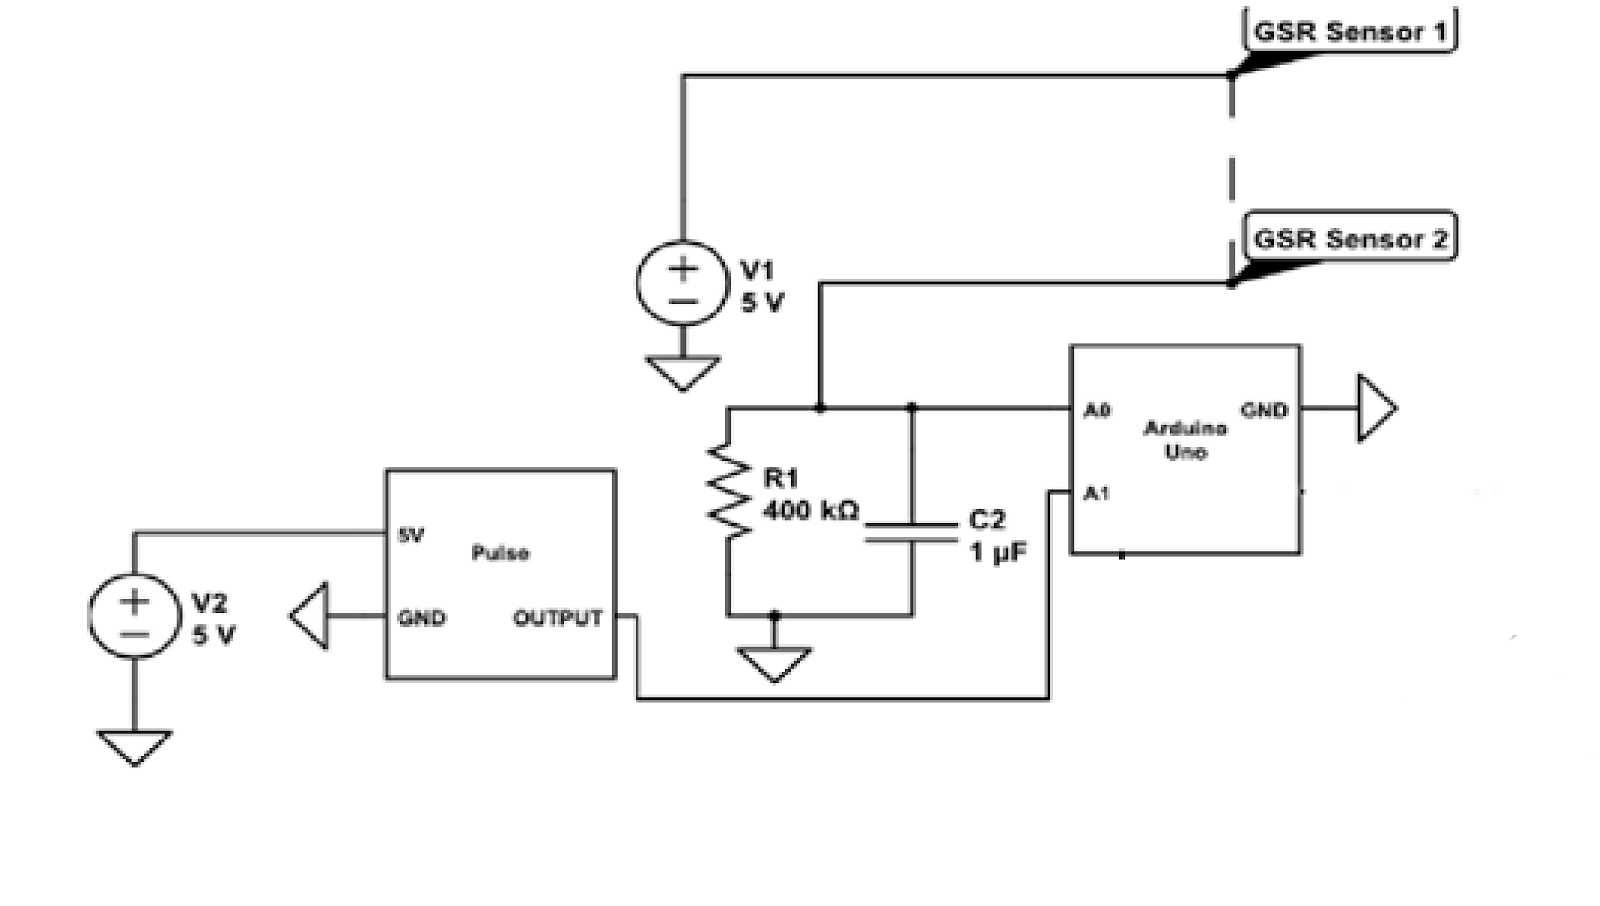 mitsubishi evo 3 wiring harness  mitsubishi  auto wiring